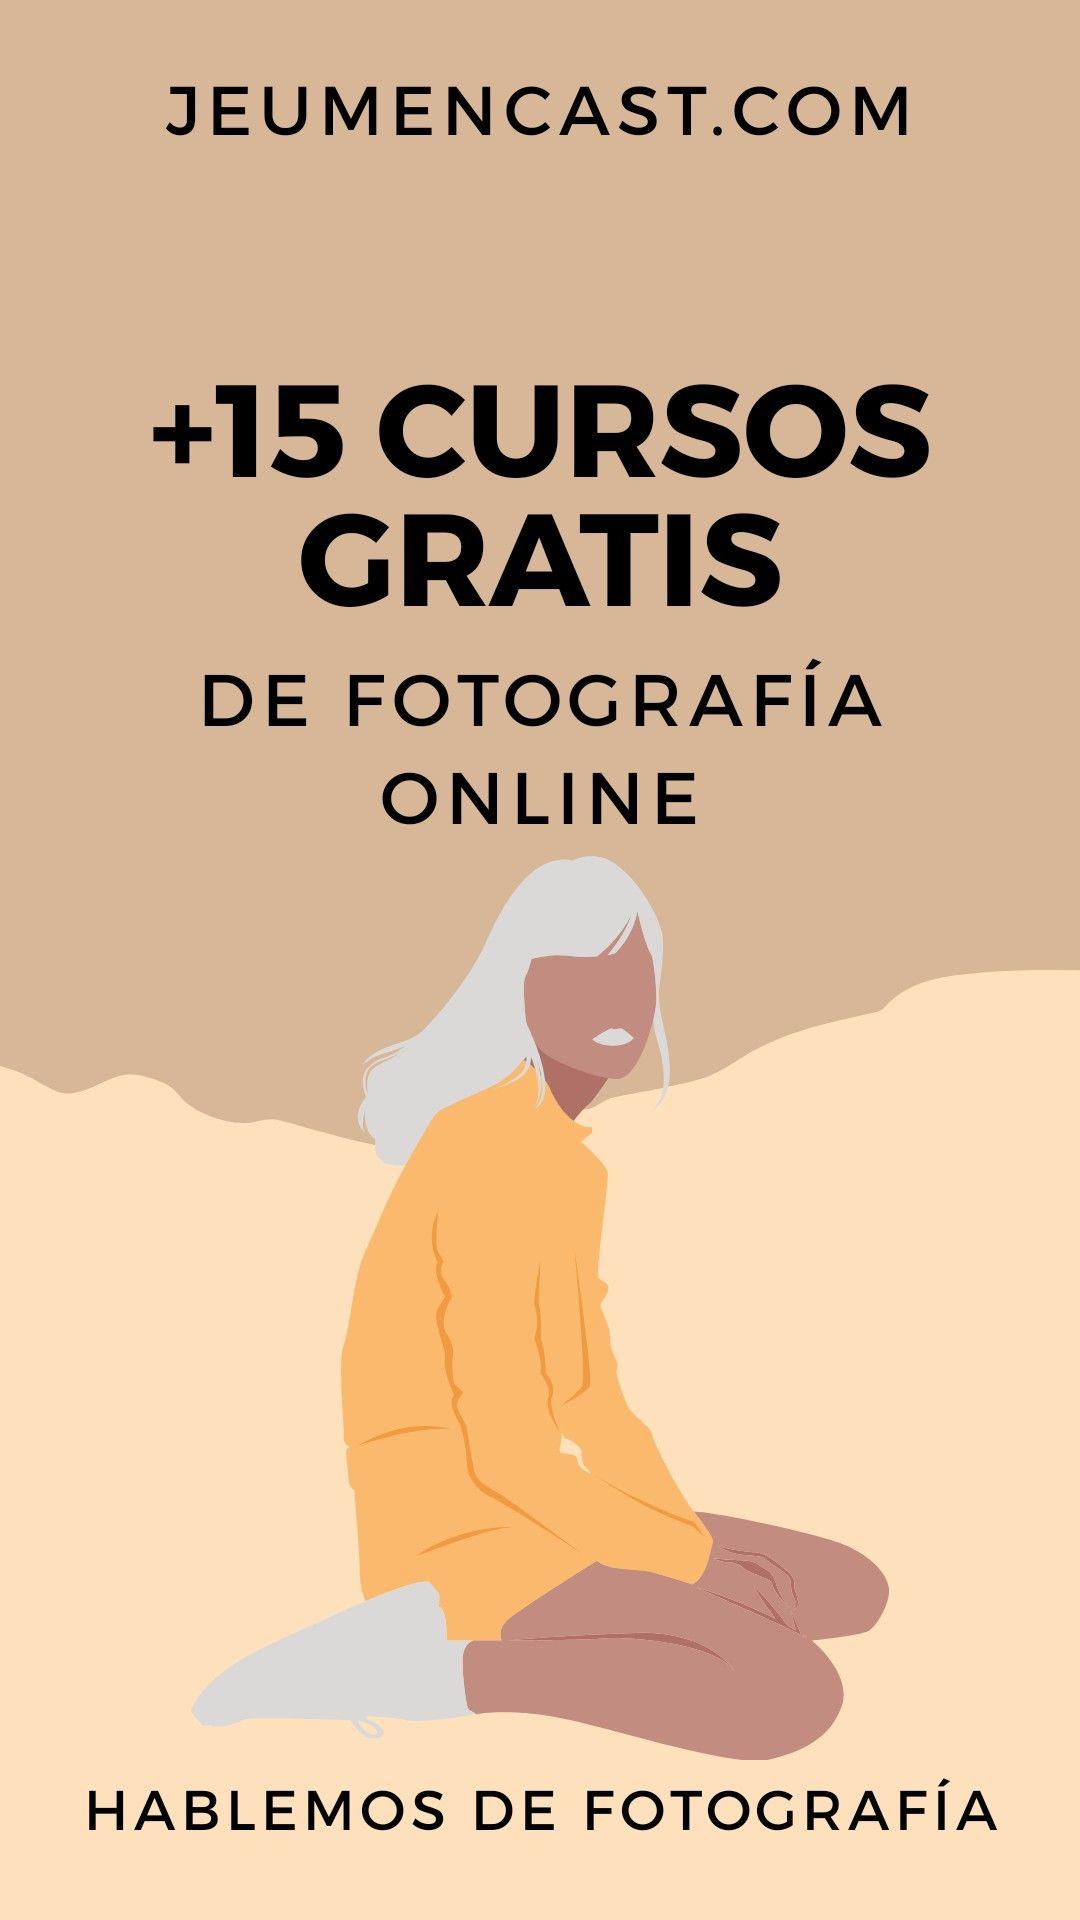 Cursos De Fotografía Gratis Cursos De Fotografia Online Cursos De Fotografia Fotografia Online